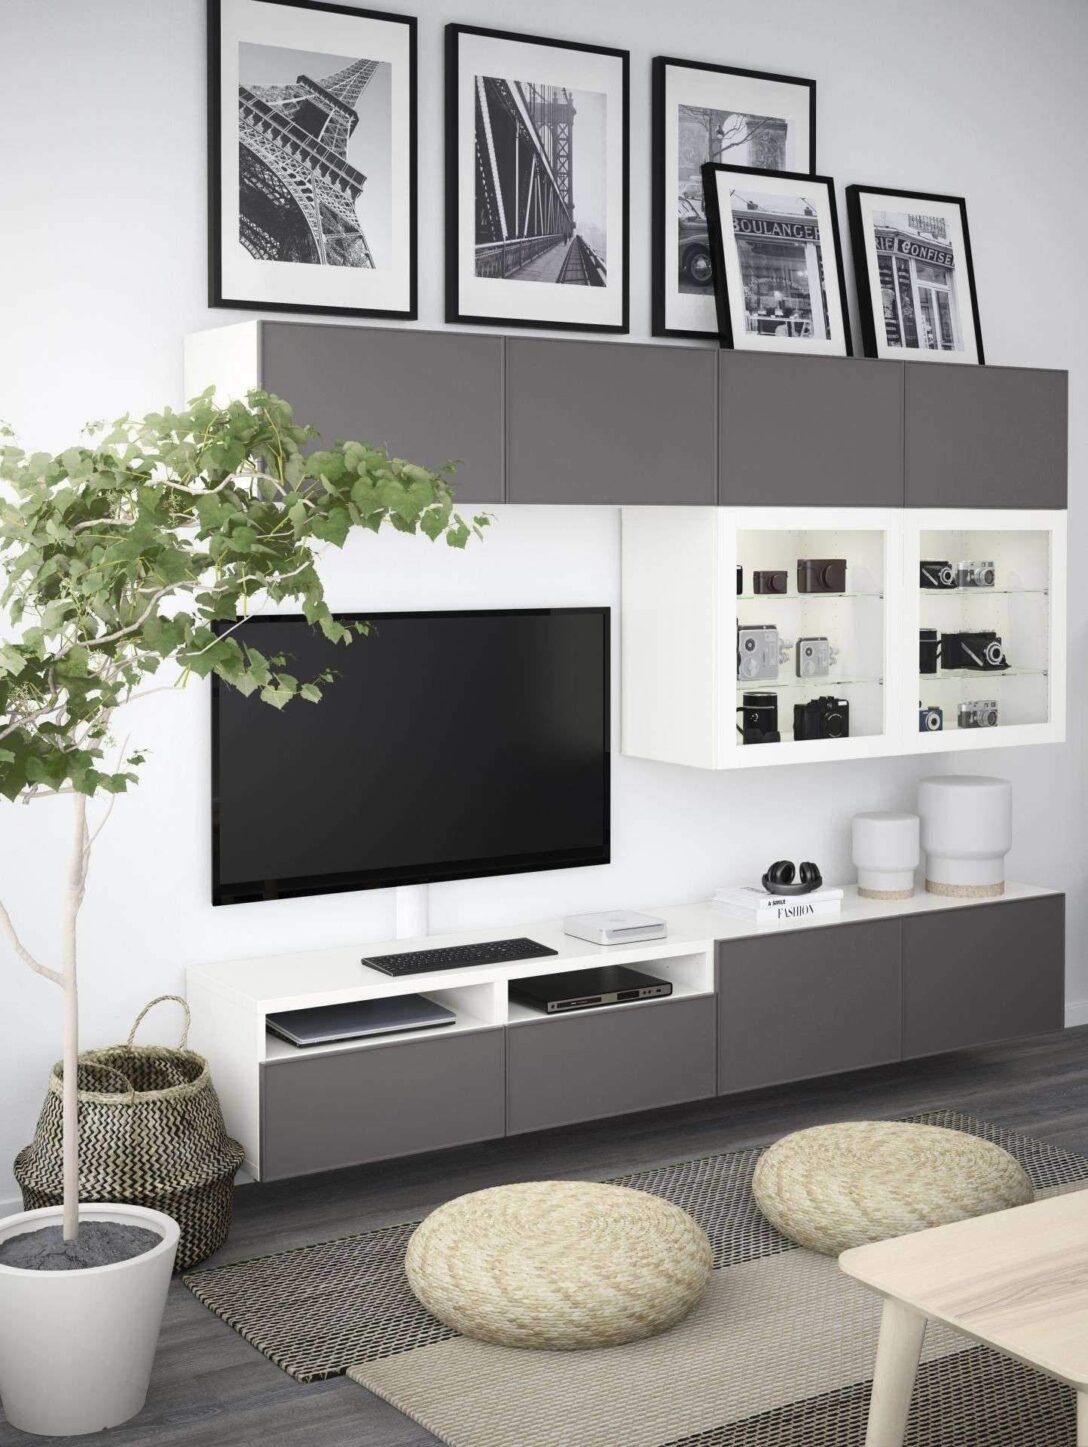 Large Size of Wohnzimmerlampen Ikea Lampen Wohnzimmer Genial 40 Oben Von Küche Kosten Kaufen Betten Bei Miniküche Modulküche 160x200 Sofa Mit Schlaffunktion Wohnzimmer Wohnzimmerlampen Ikea